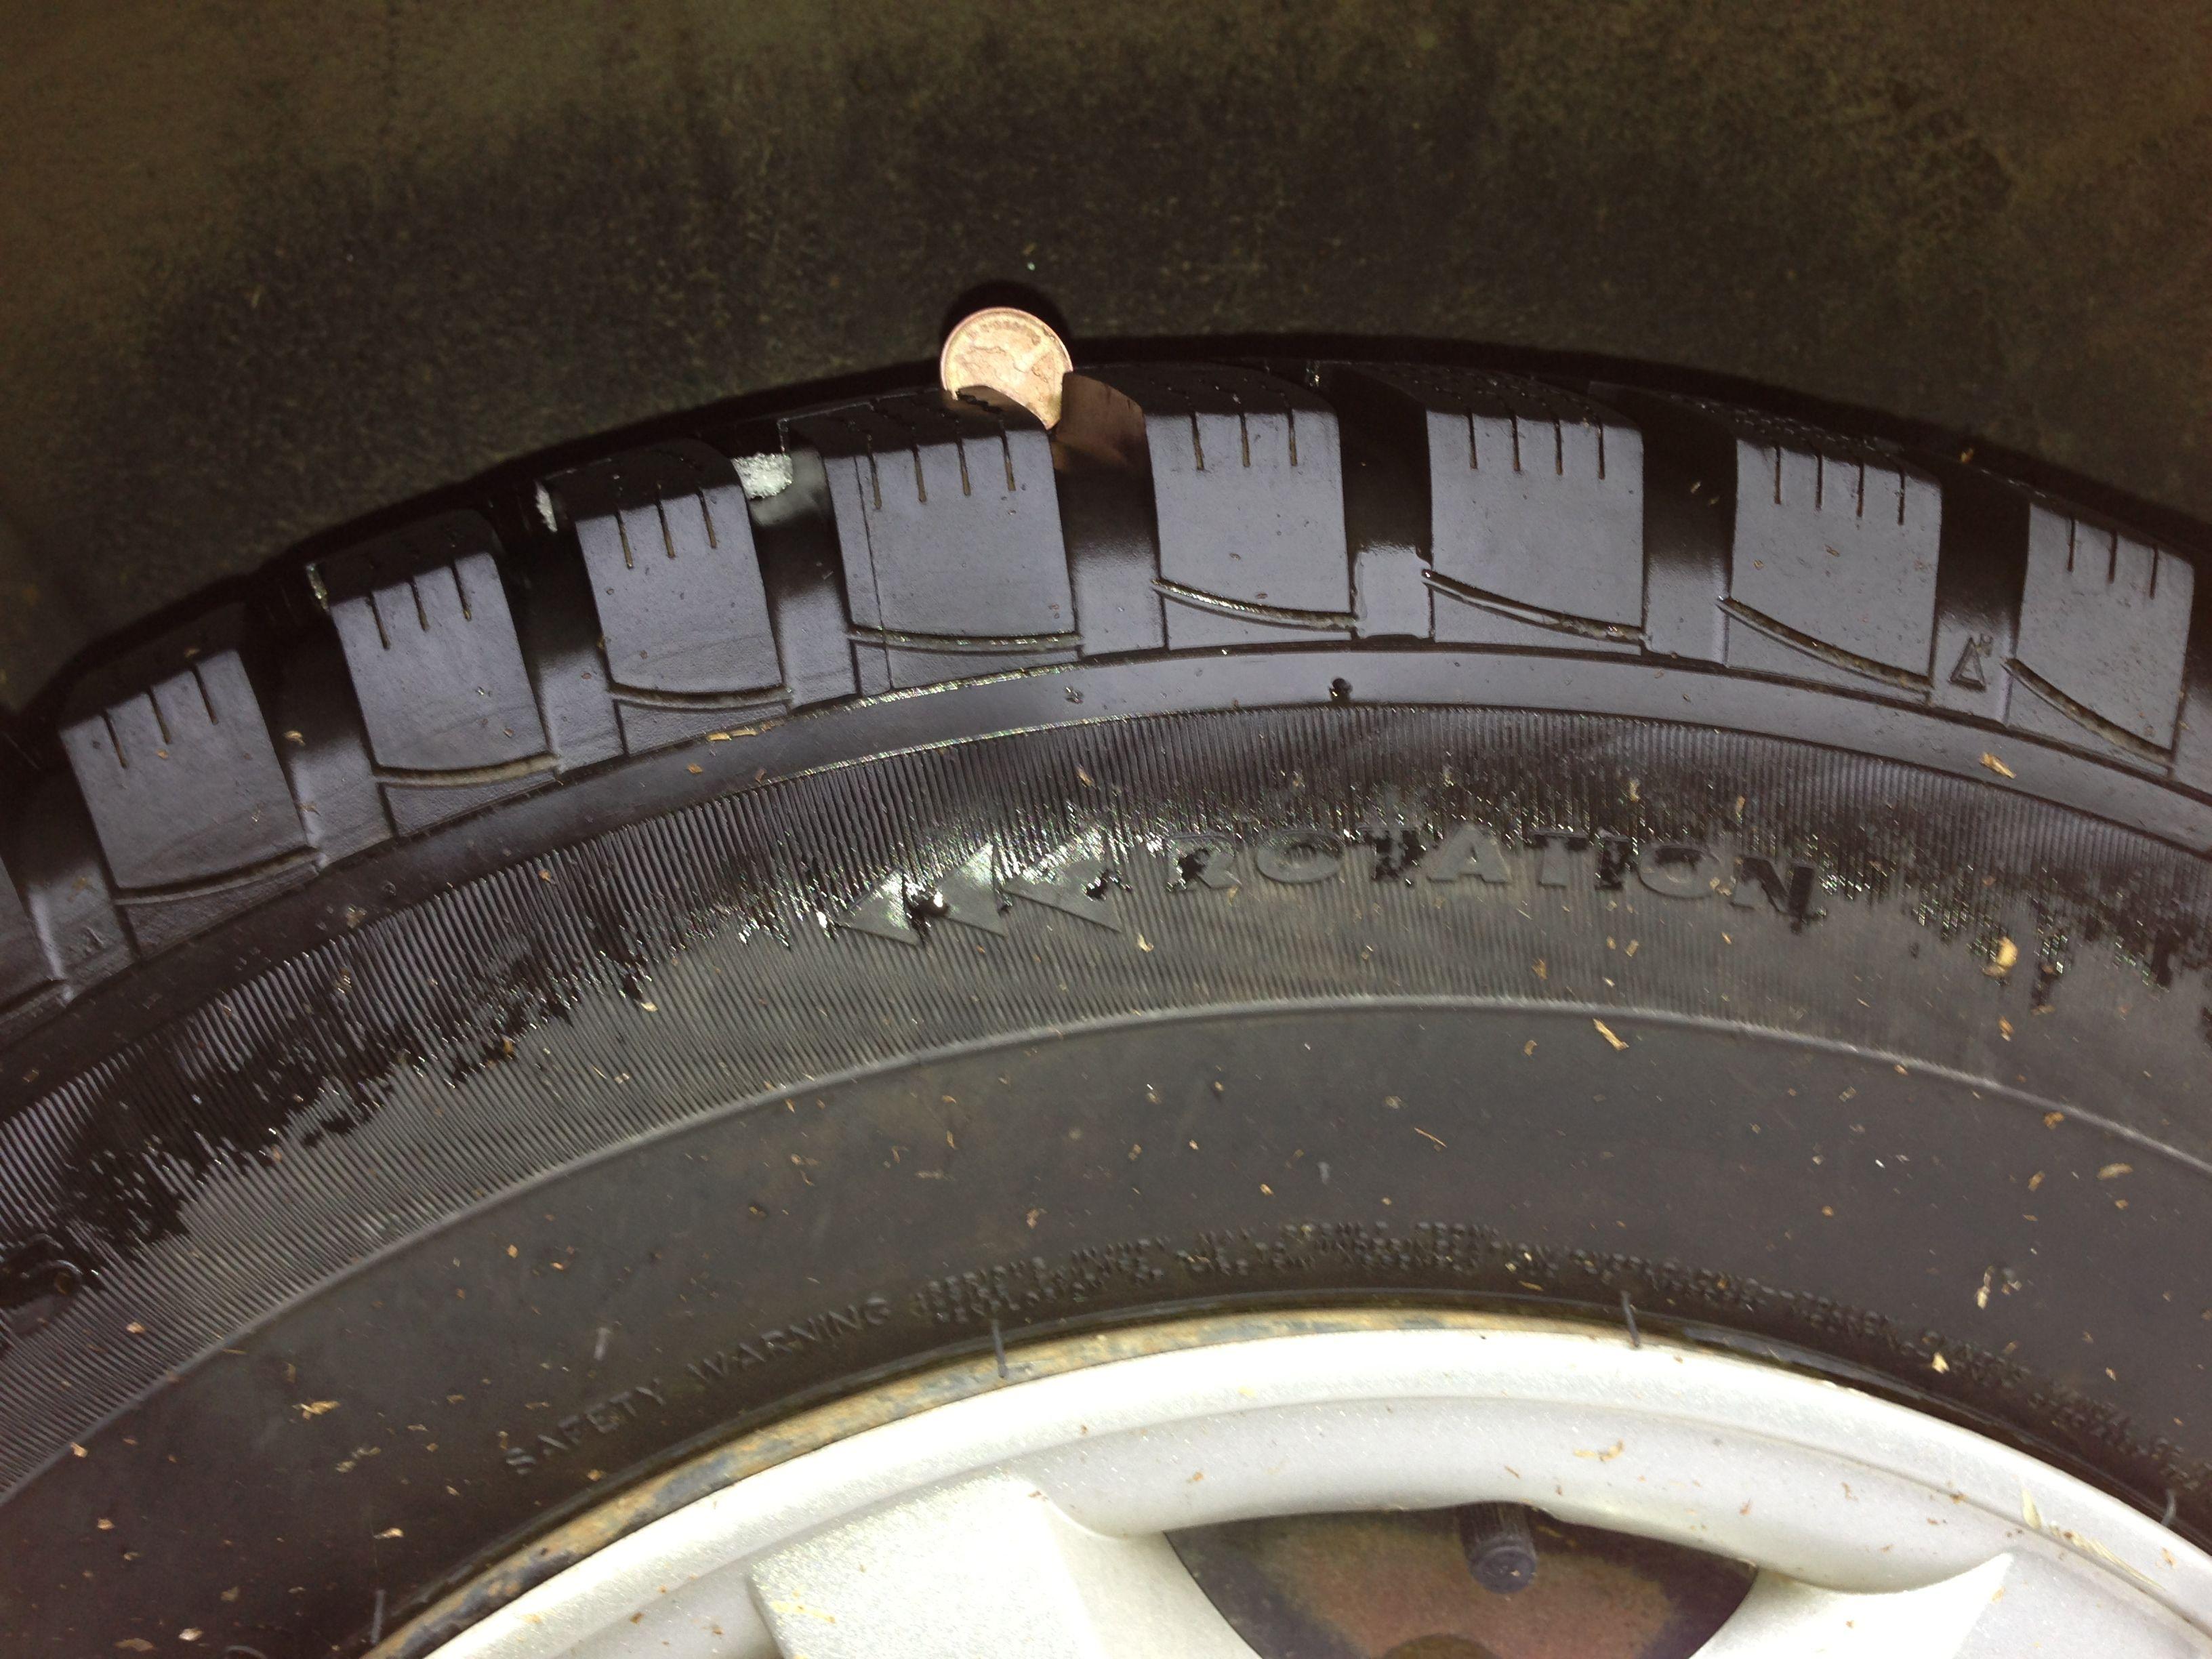 Brand new Champiro winter tires 215x70rx15 $300